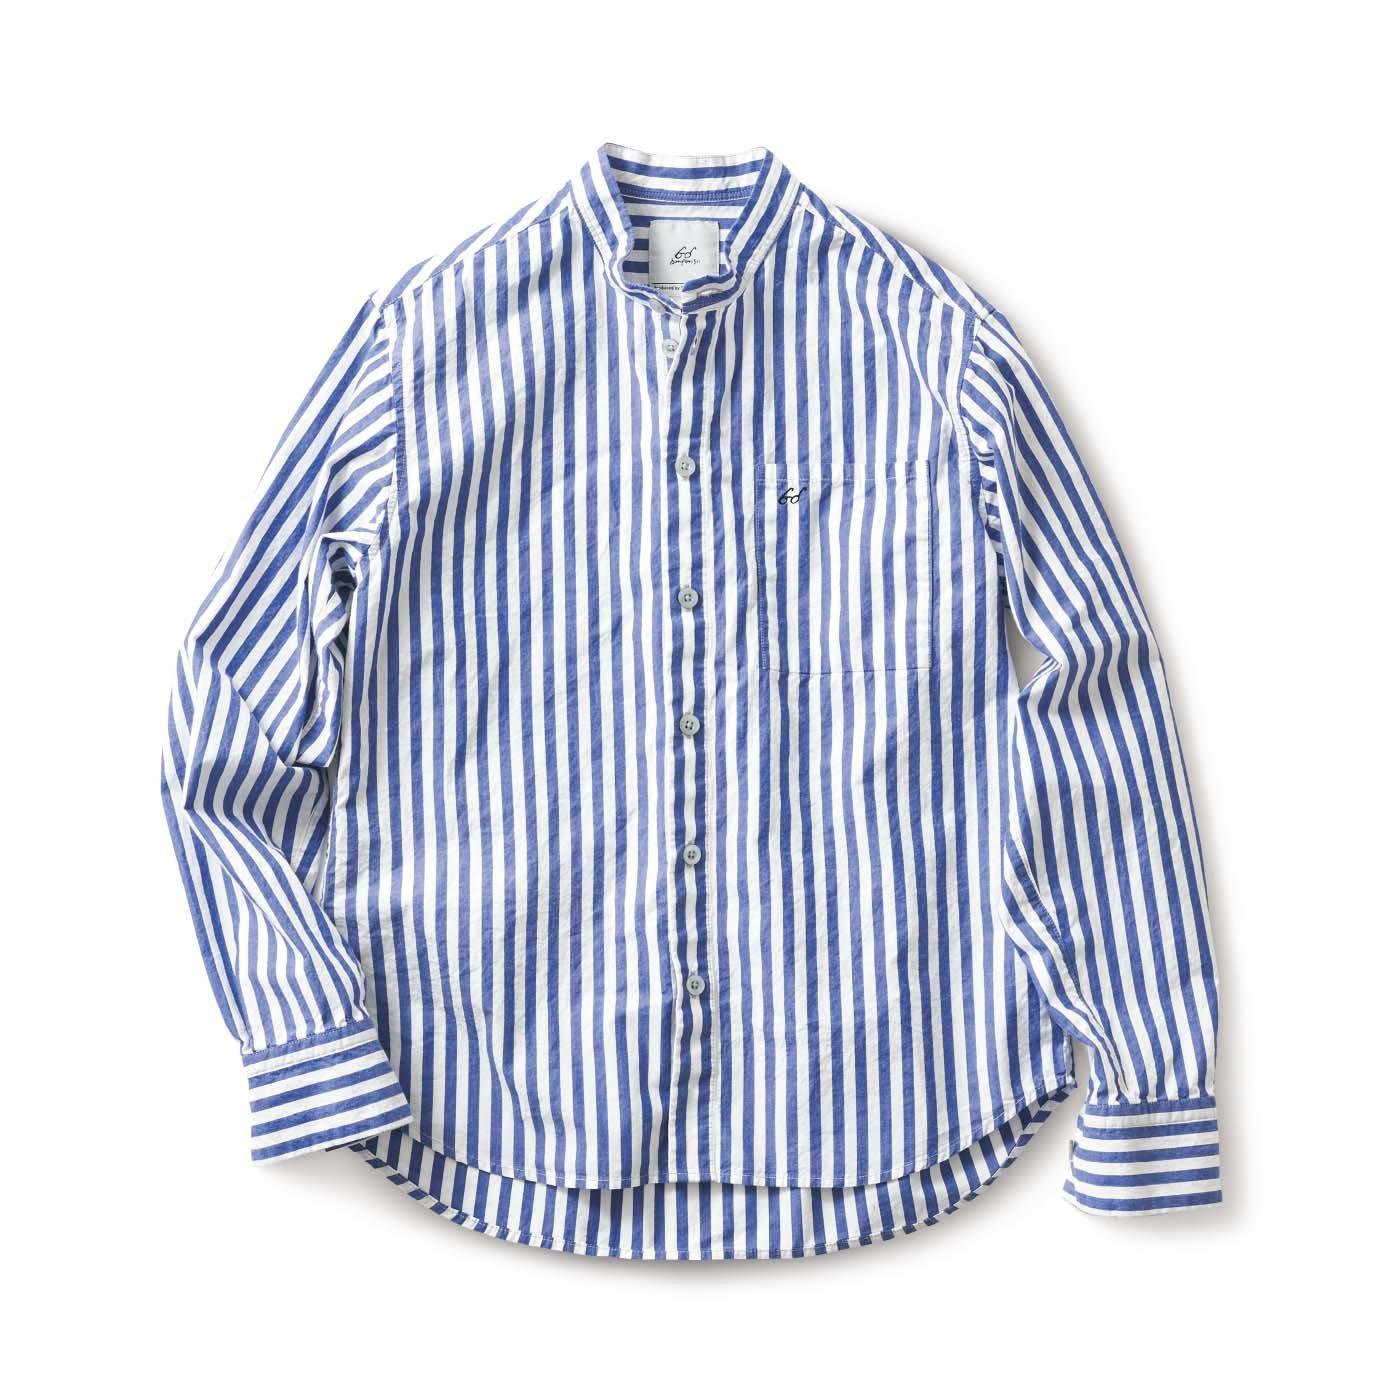 サニークラウズ bonさんのストライプシャツ〈メンズ〉